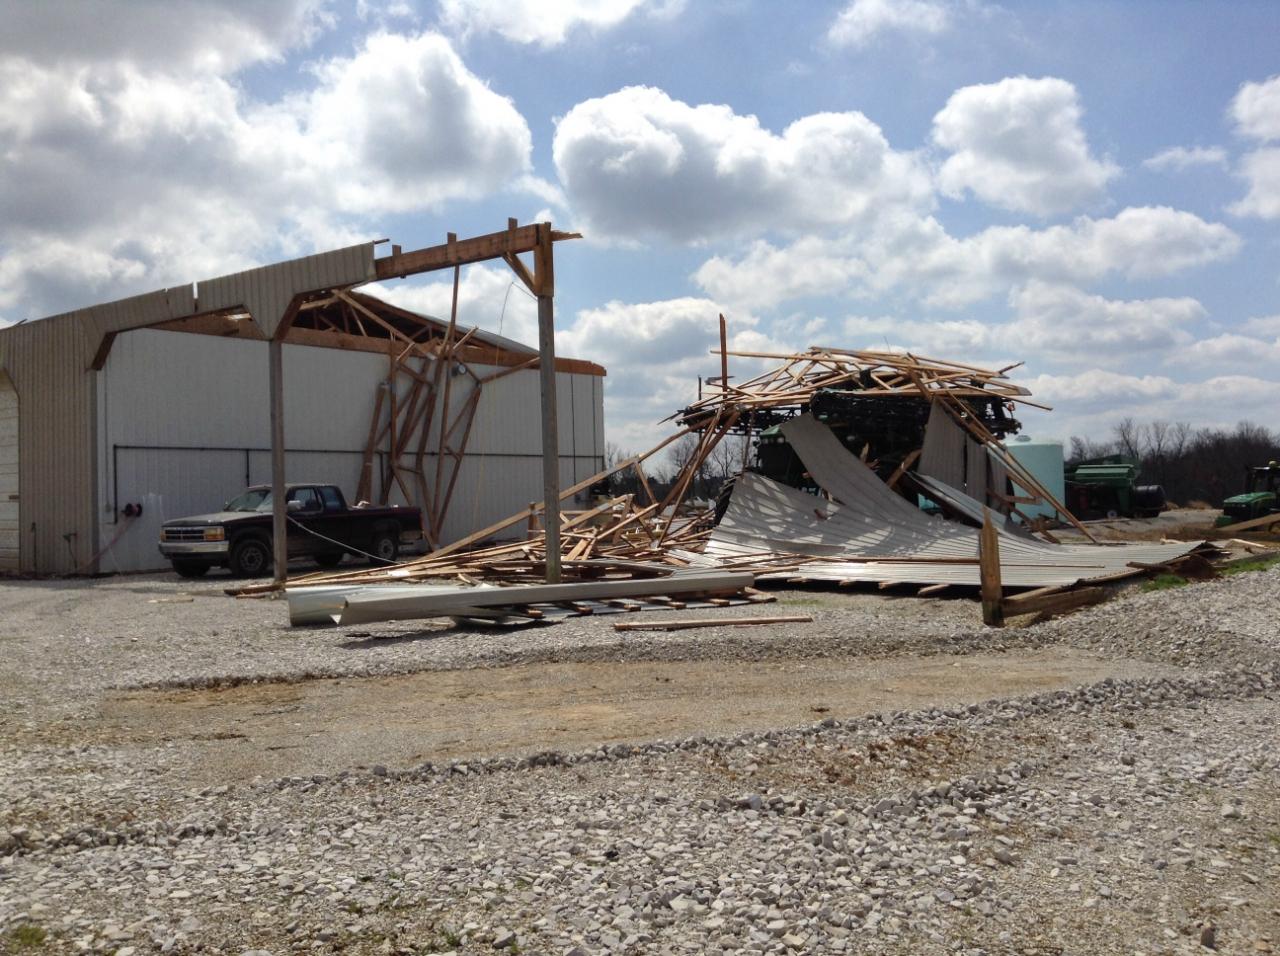 Barn damage southwest of Hodgenville, KY. Winds 85-90 mph.